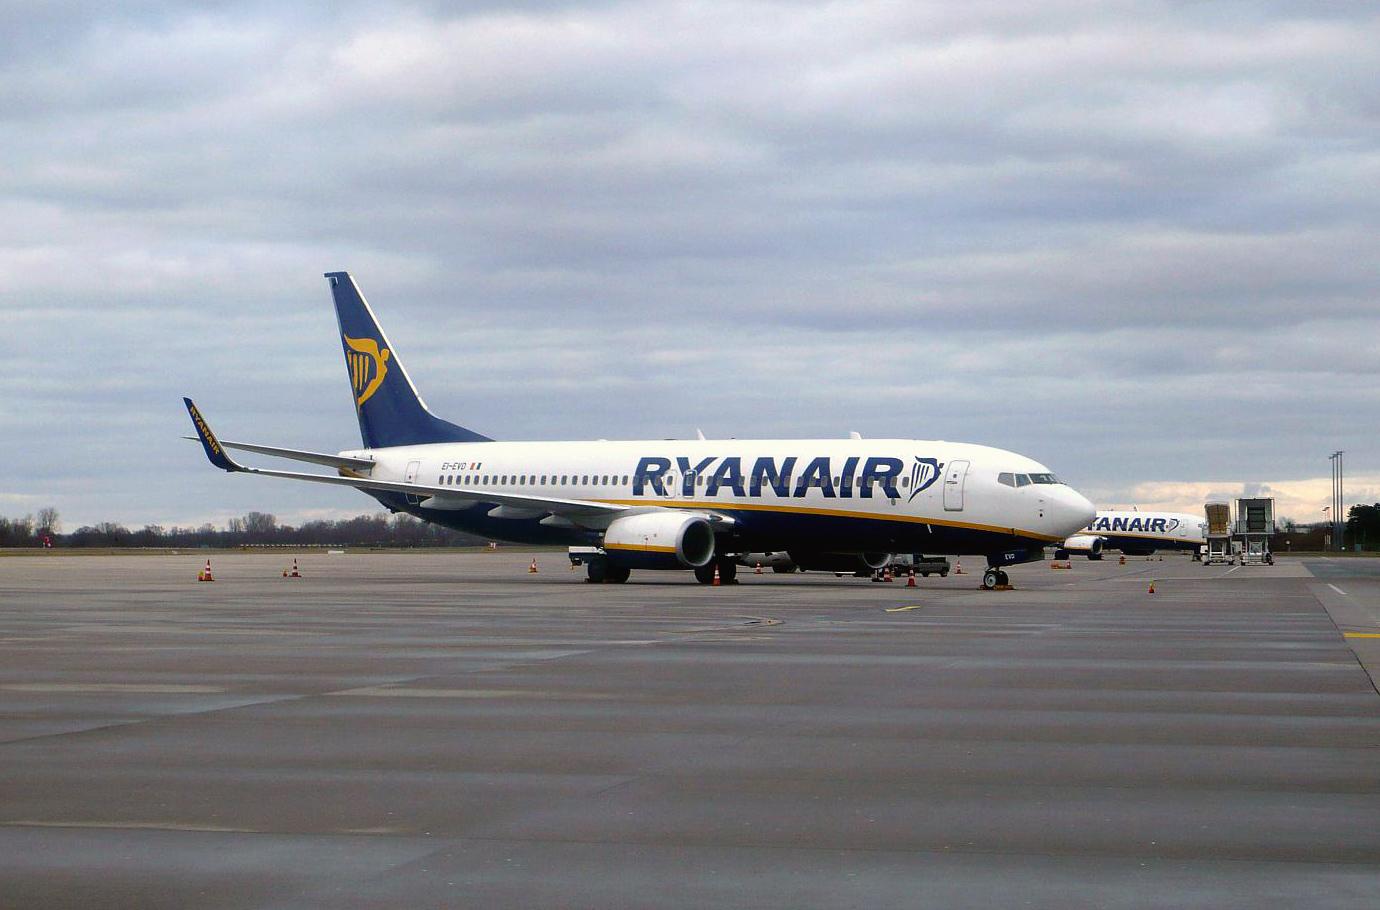 Боинг-737-800 авиакомпании Ryanair в аэропорту Баден-Баден